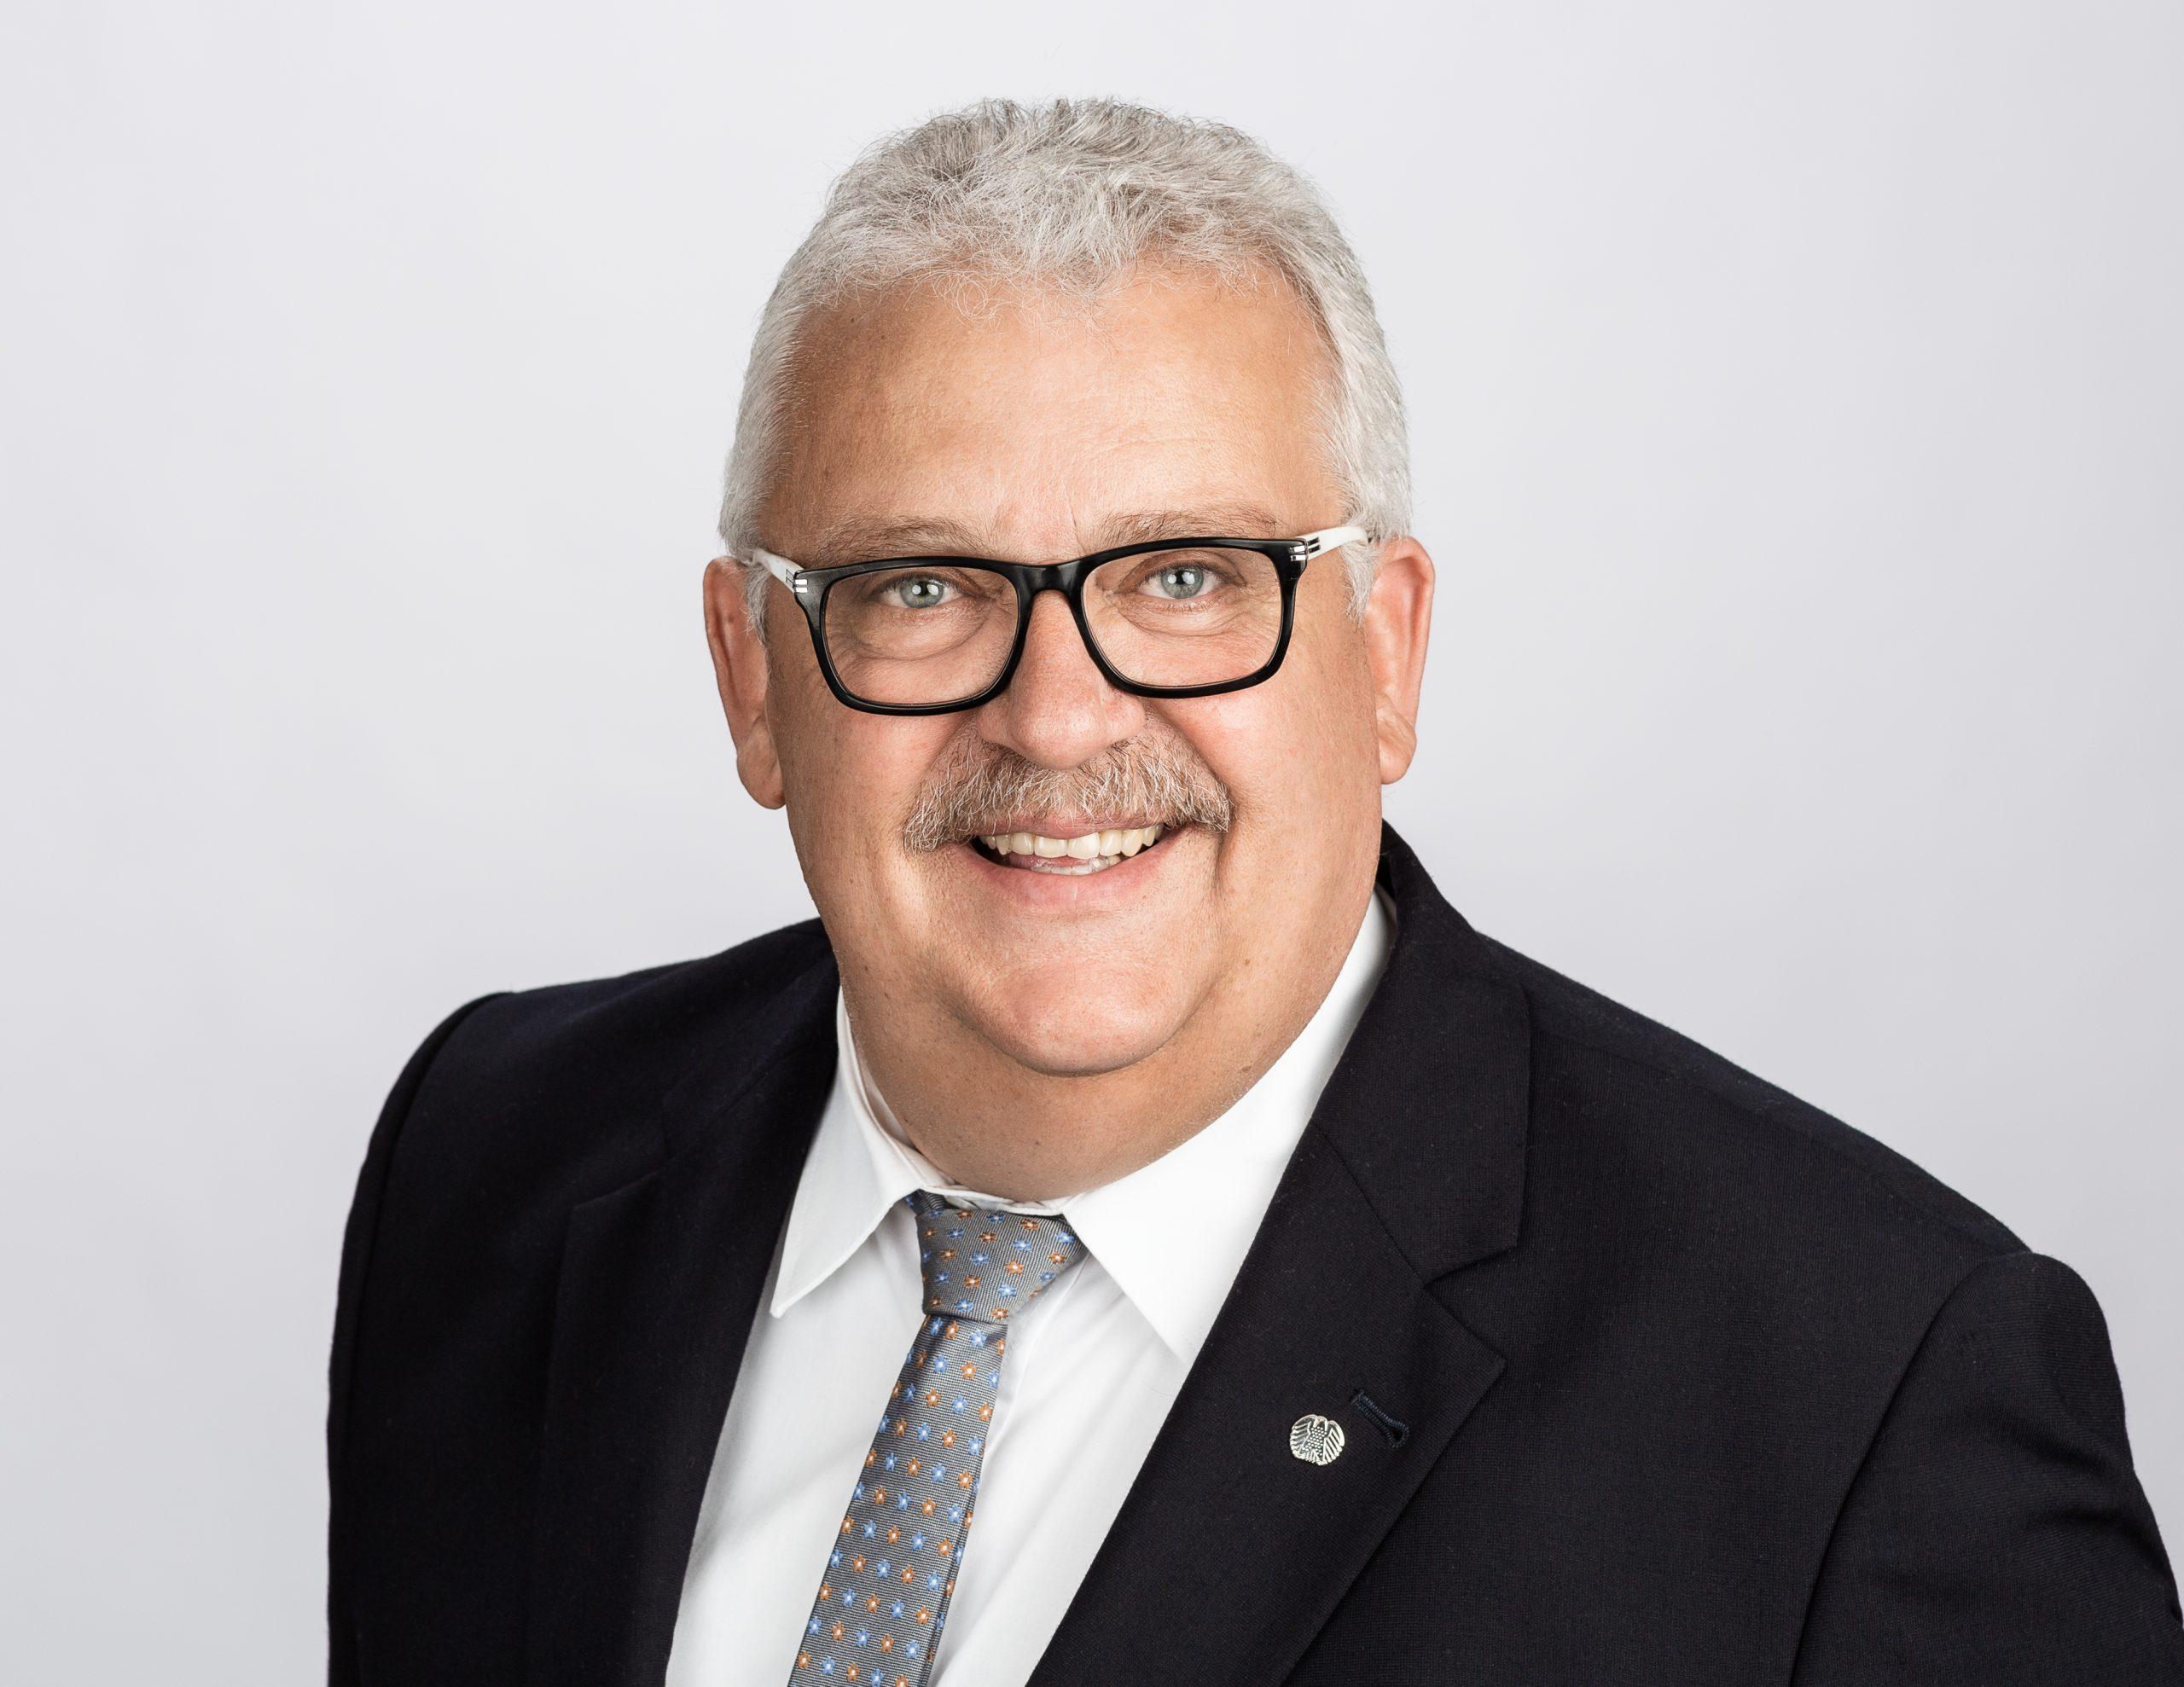 Wolfgang Dörenkamp